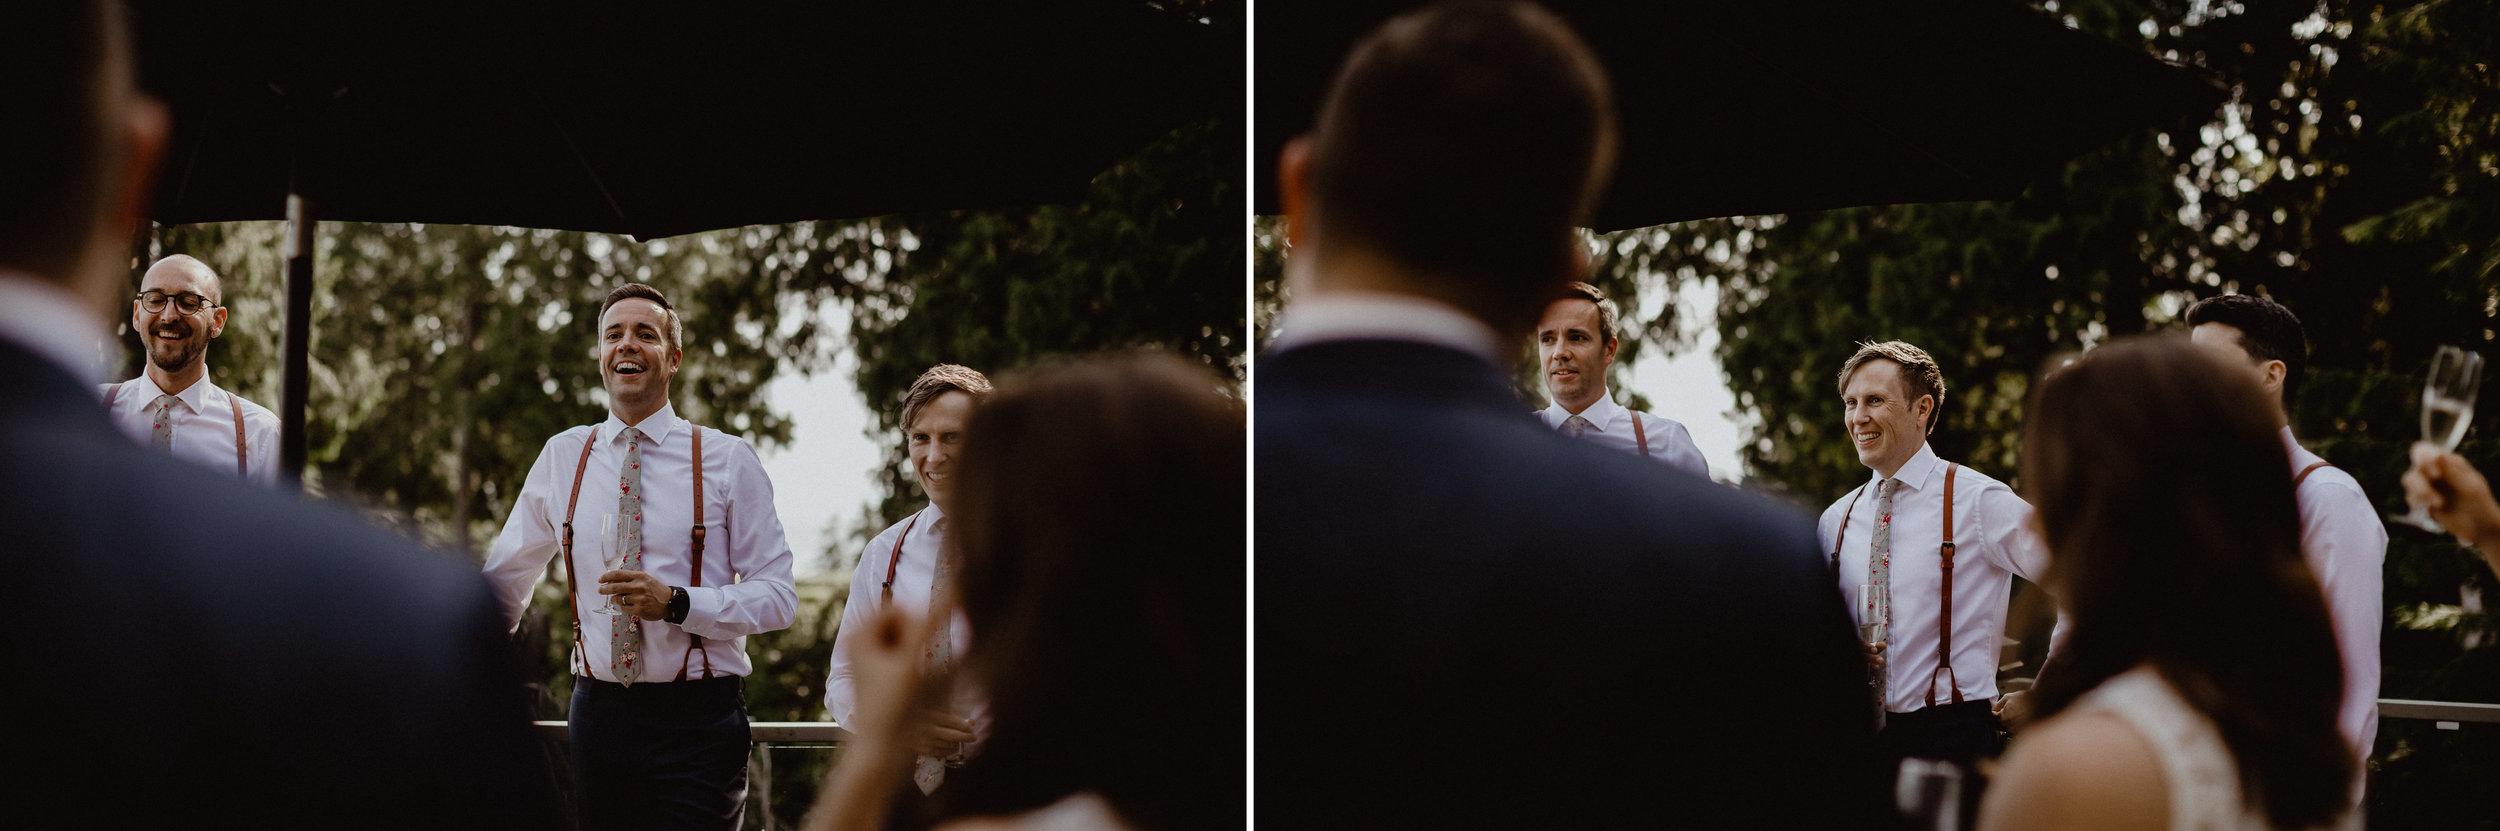 west-vancouver-backyard-wedding-144.jpg